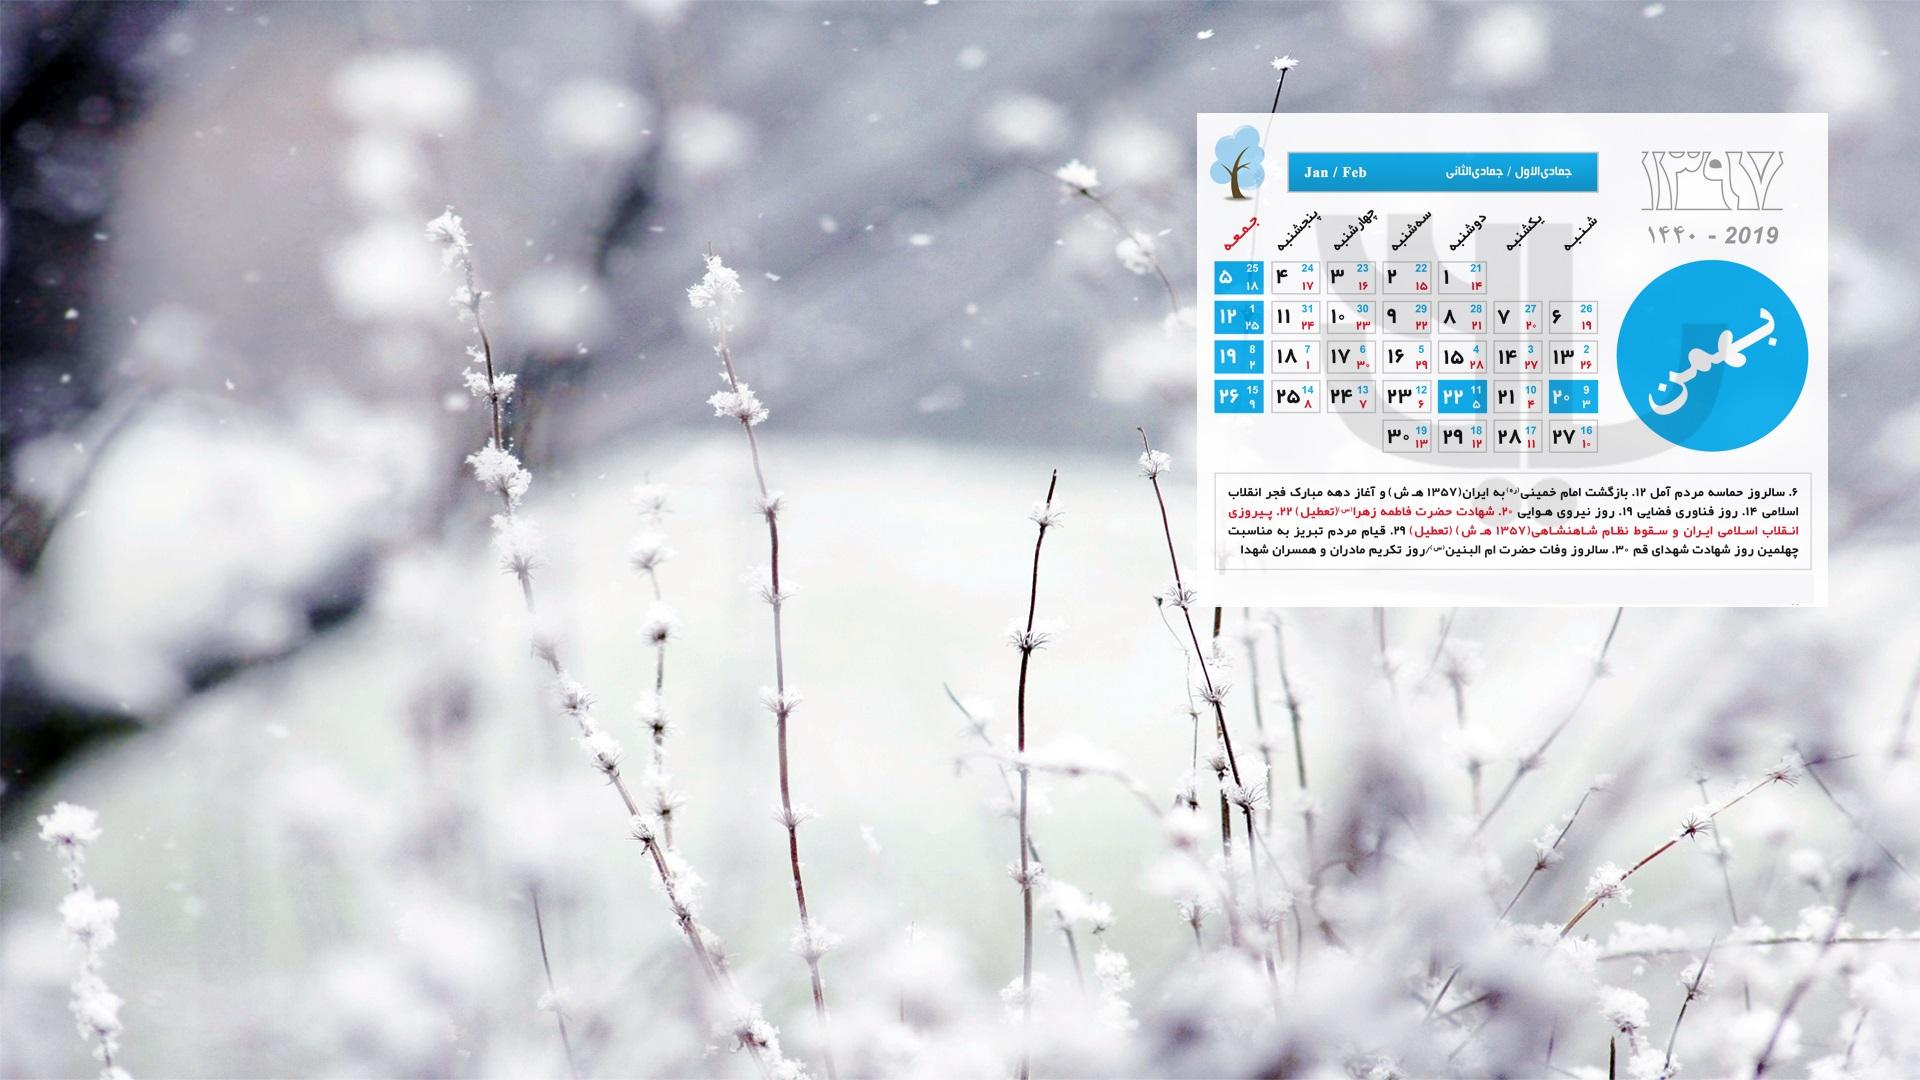 دانلود تقویم بهمن ماه سال 97